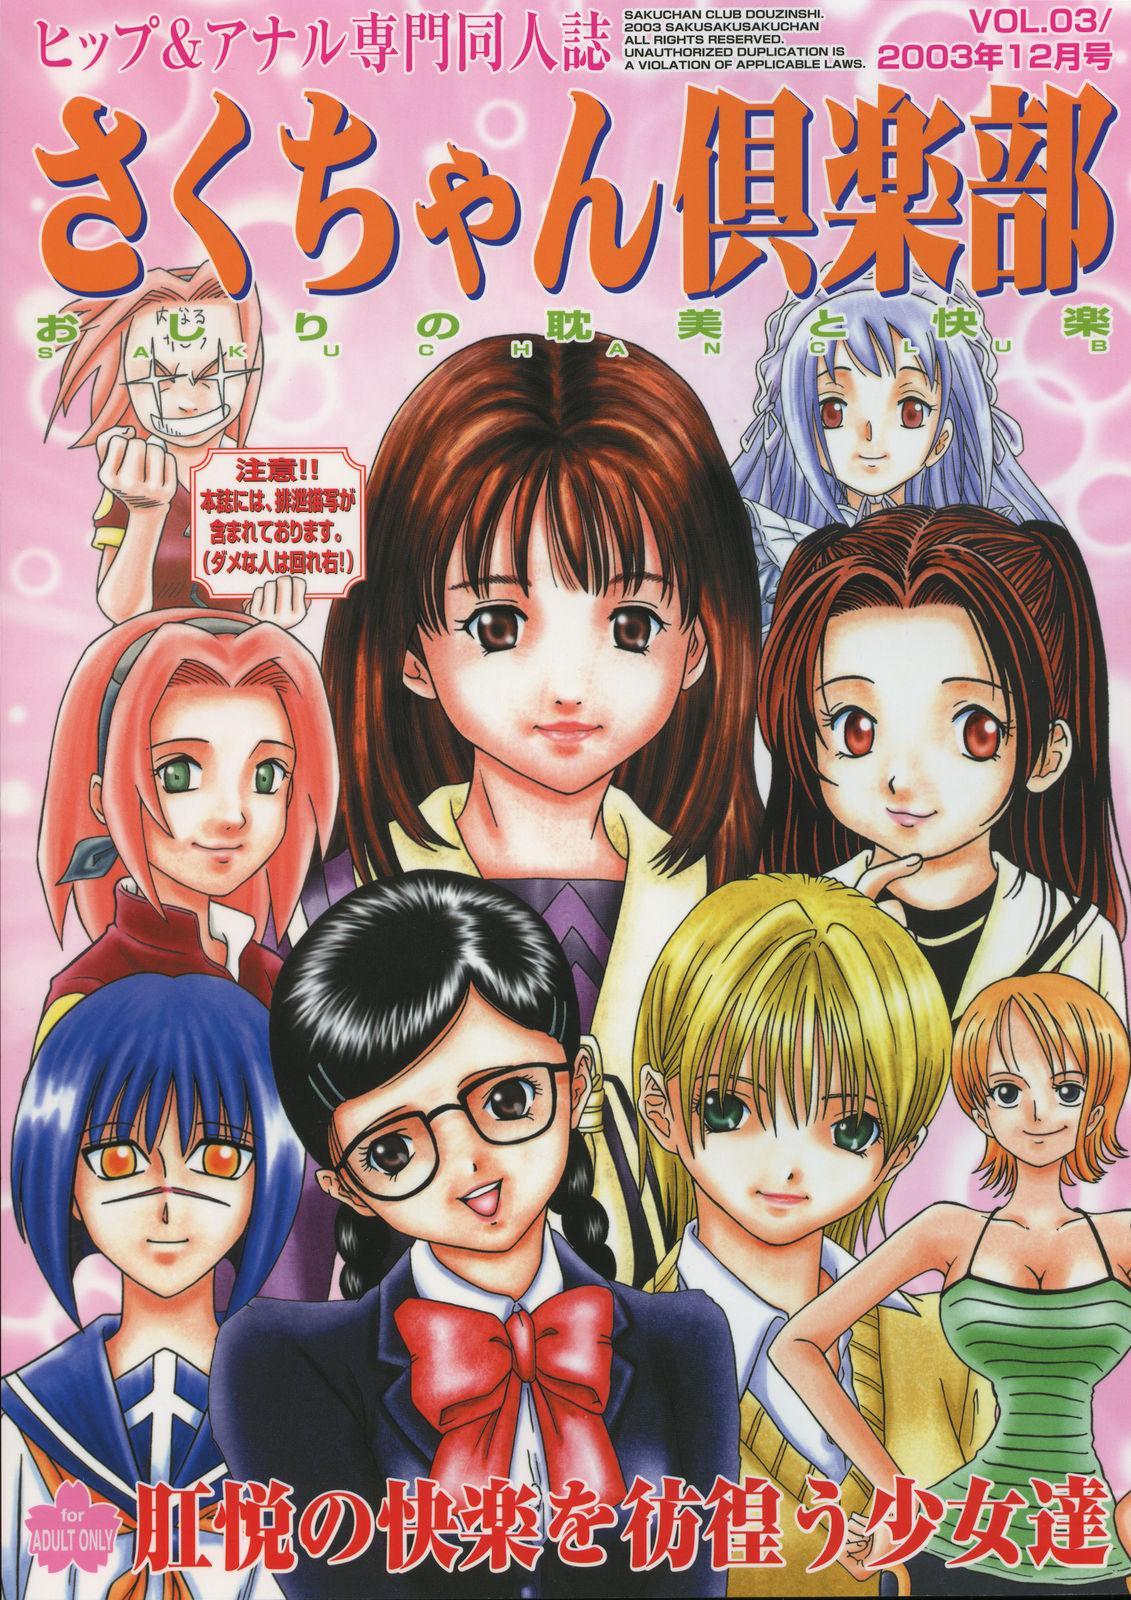 Saku-chan Kurabu Vol.03 0